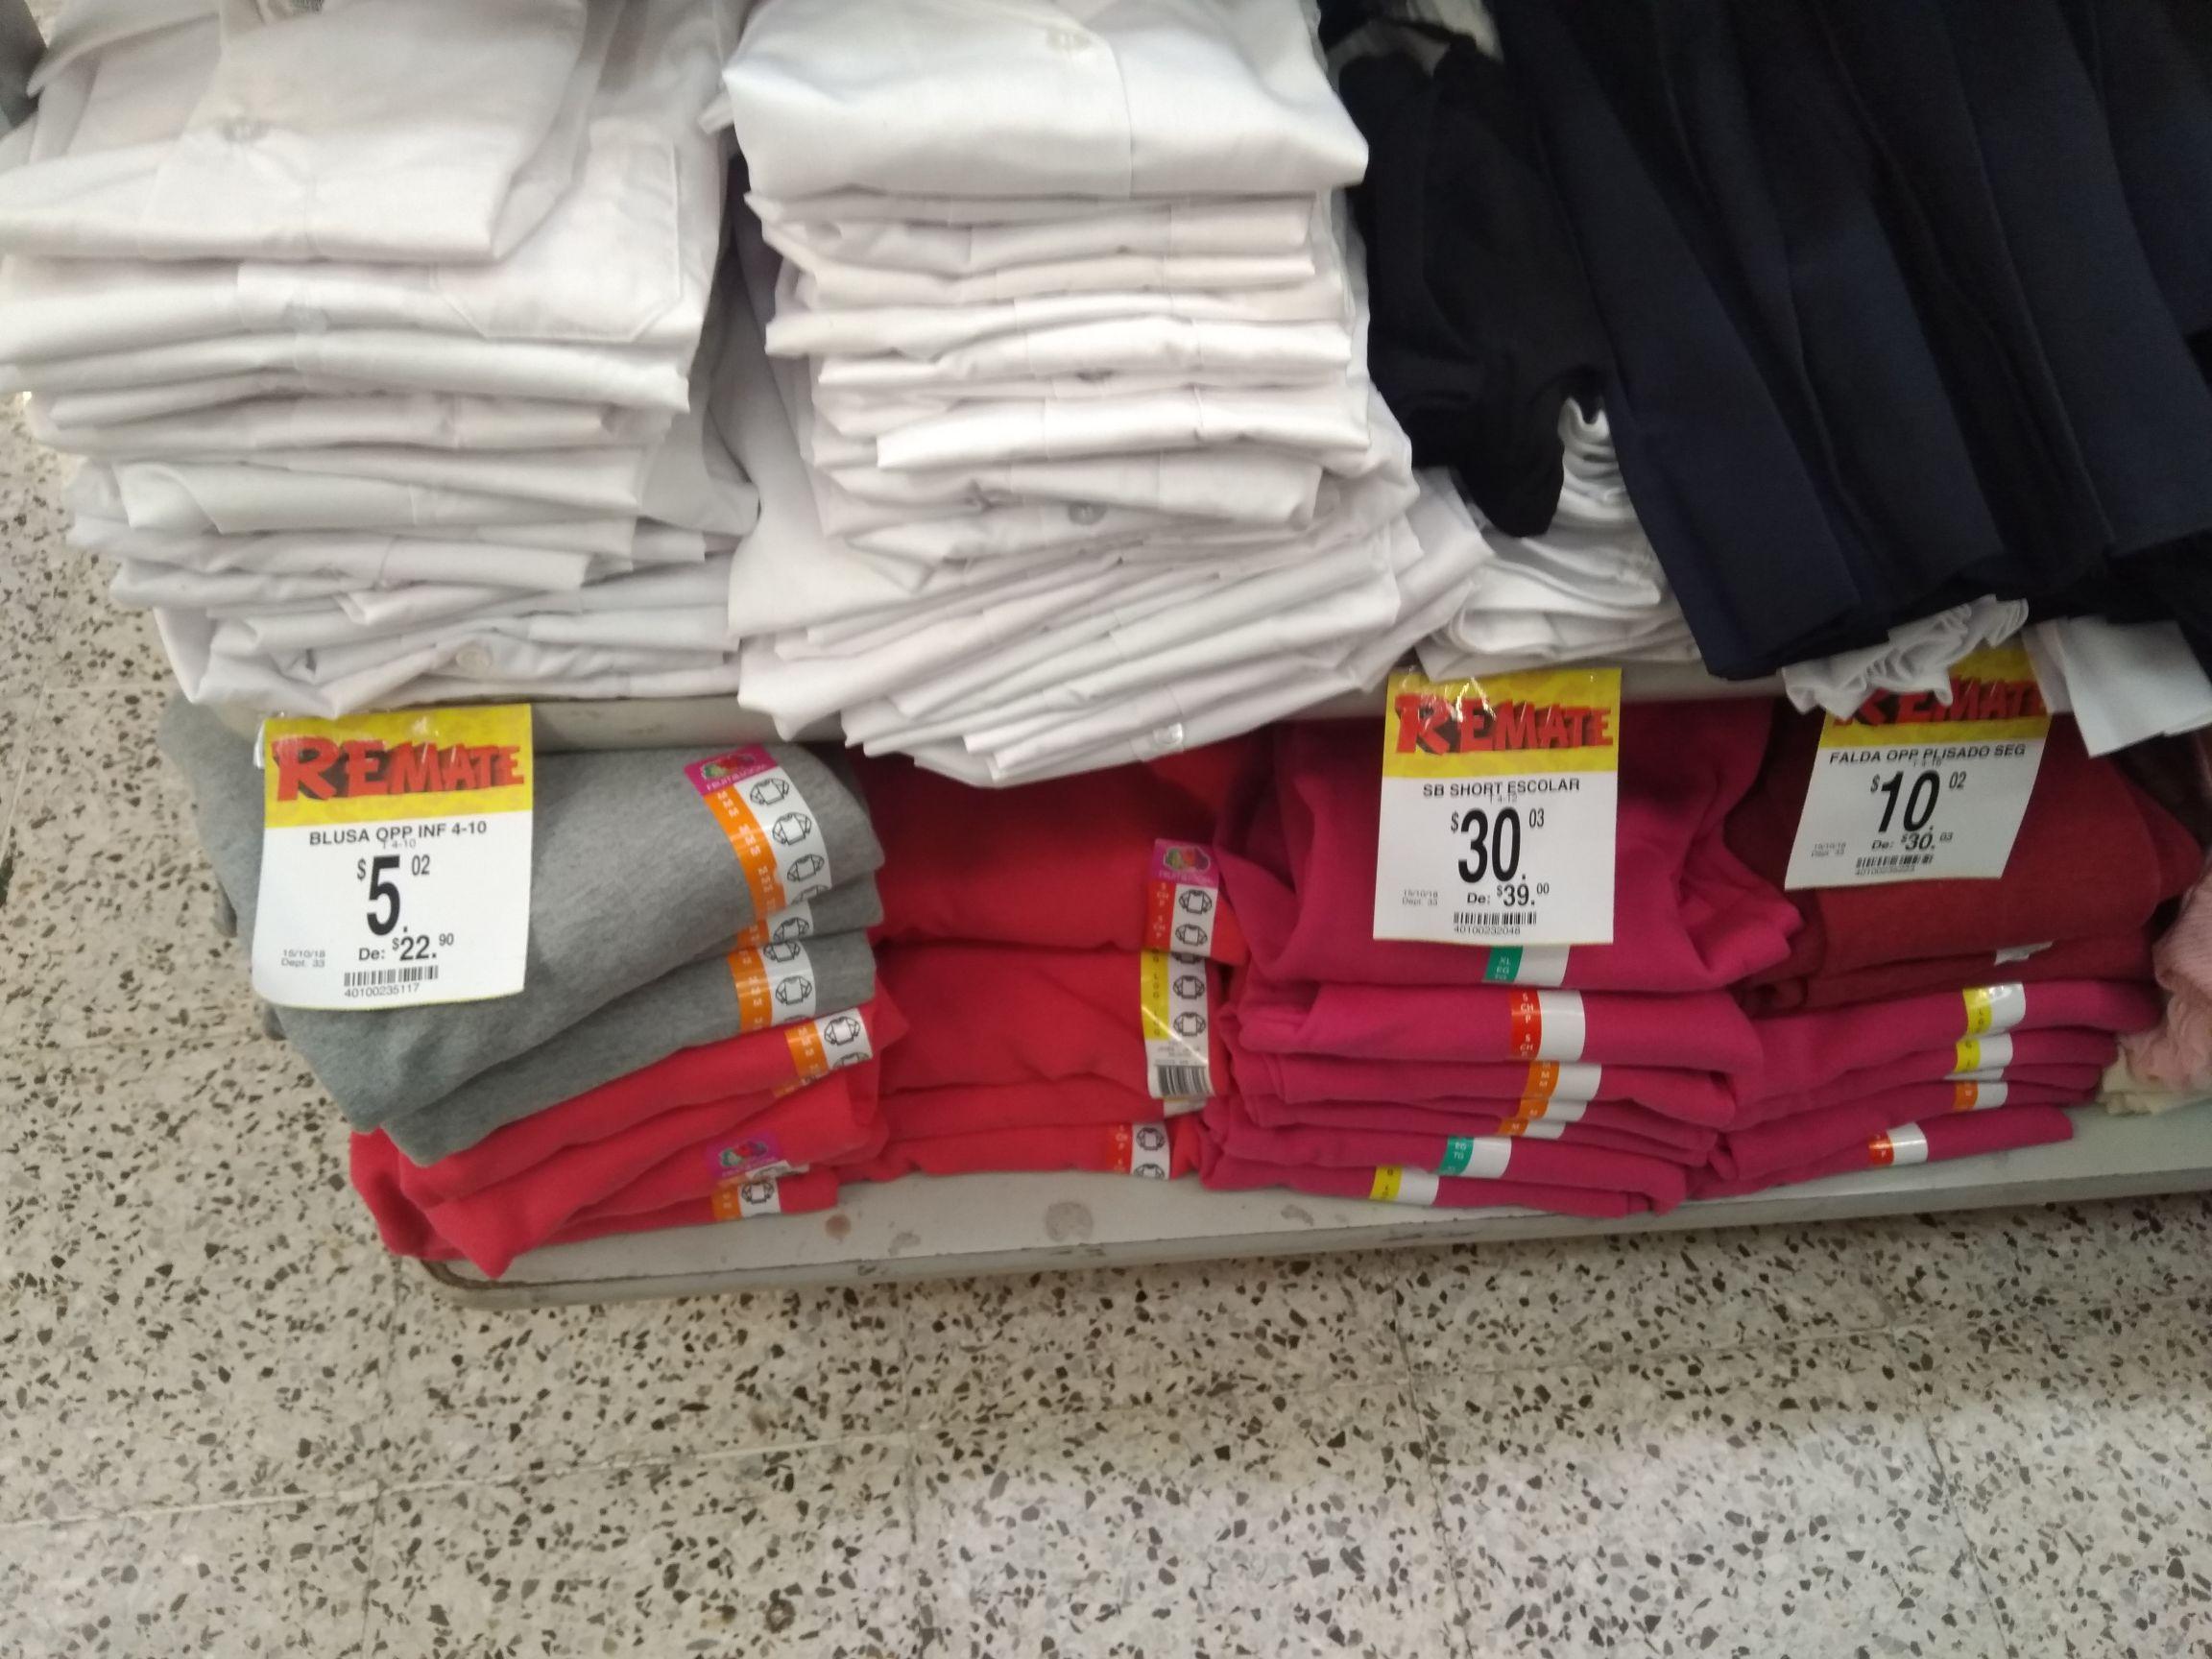 Bodega Aurrerá:  blusa $5 y falda escolar $10